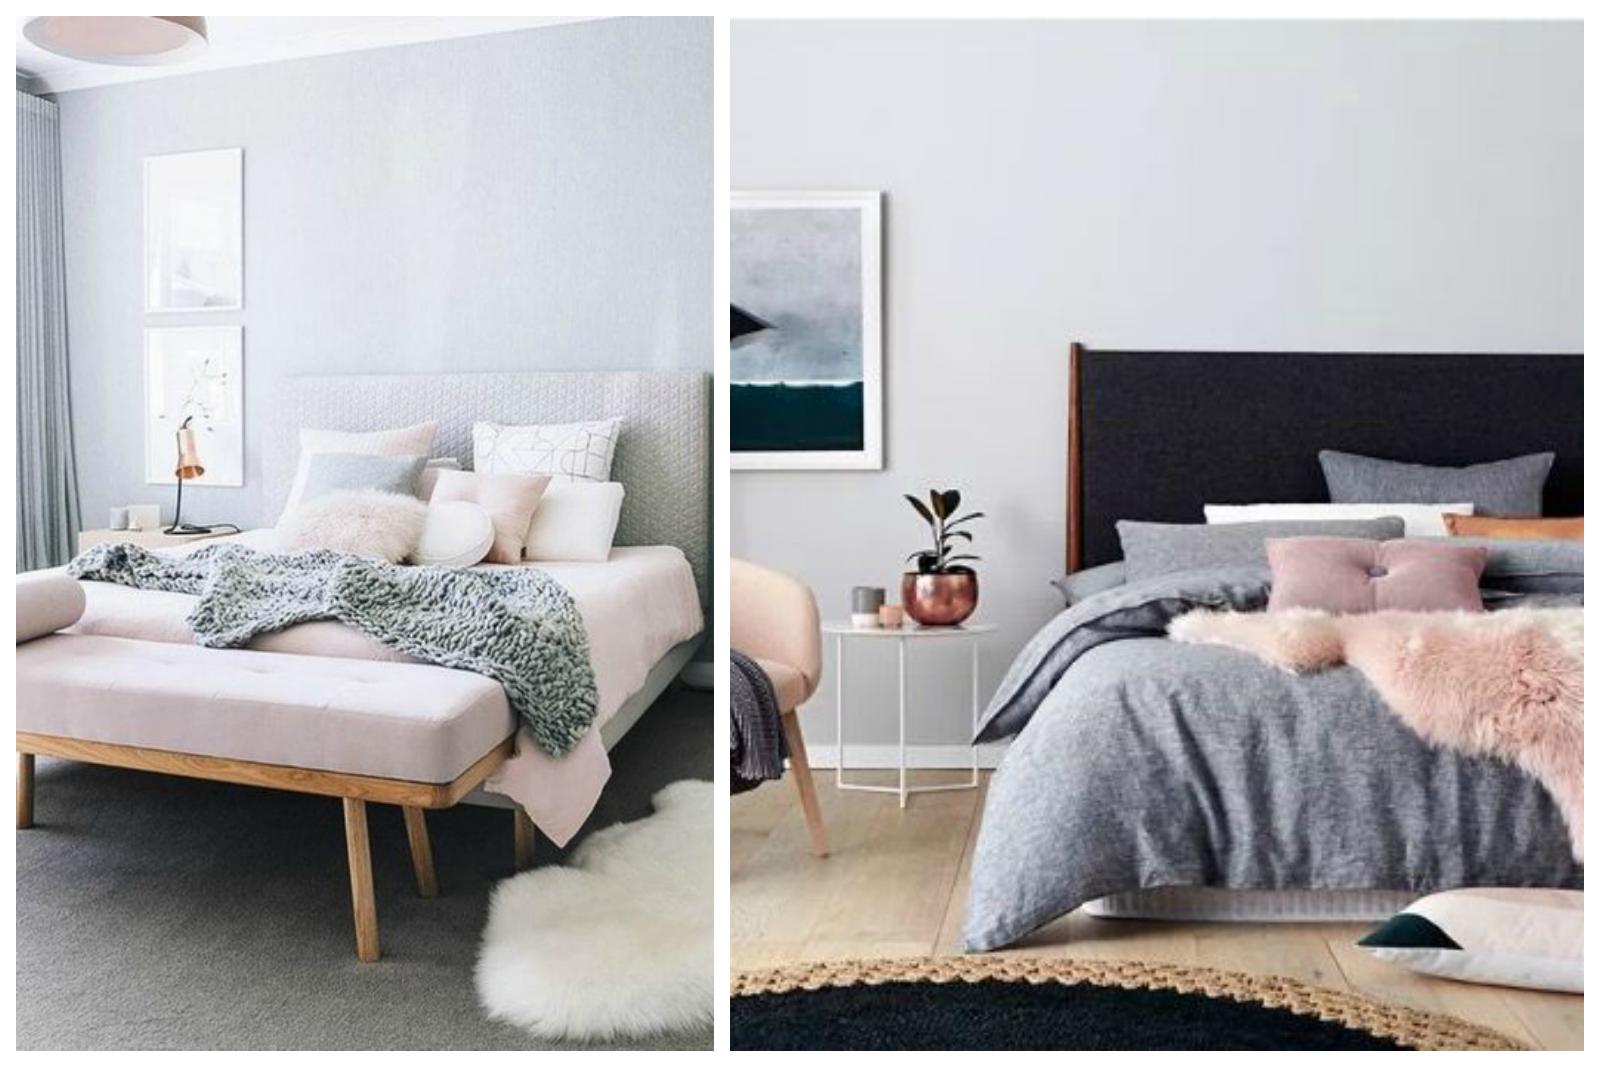 Decora tu habitaci n con cojines lulalogy - Decorar cama con cojines ...